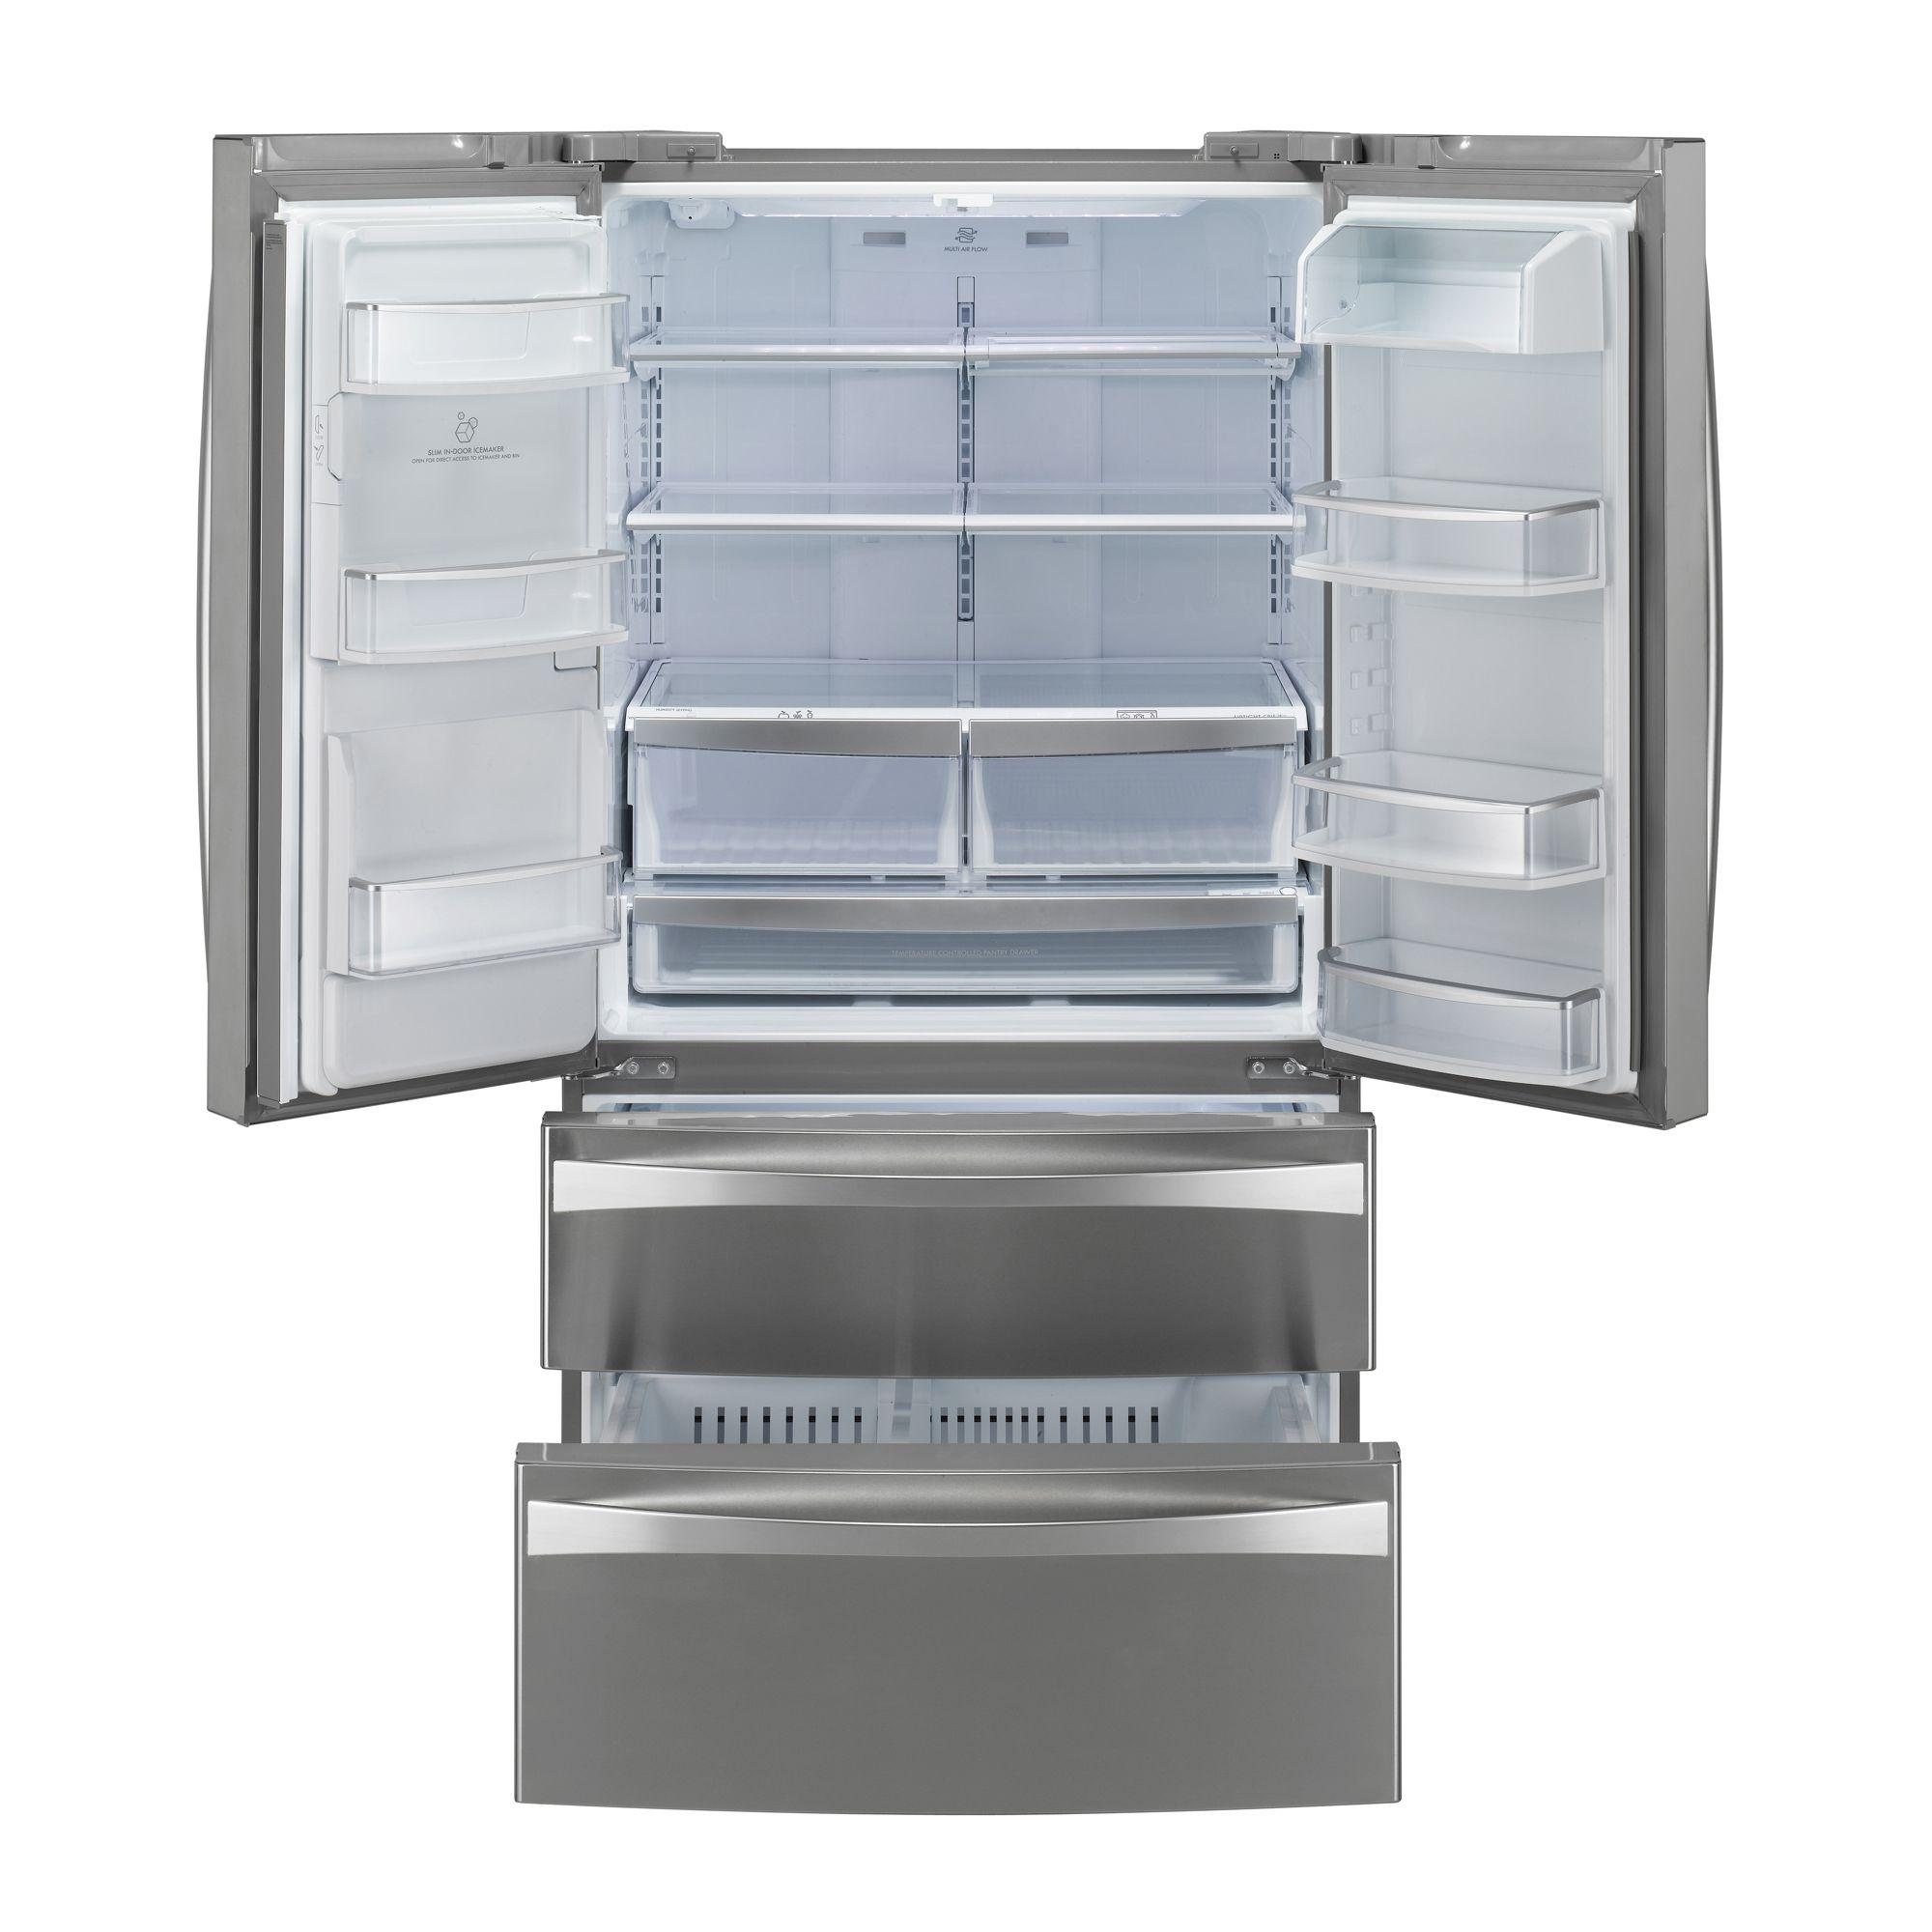 Kenmore Elite 27.5 cu. ft. French-Door Bottom Freezer Refrigerator